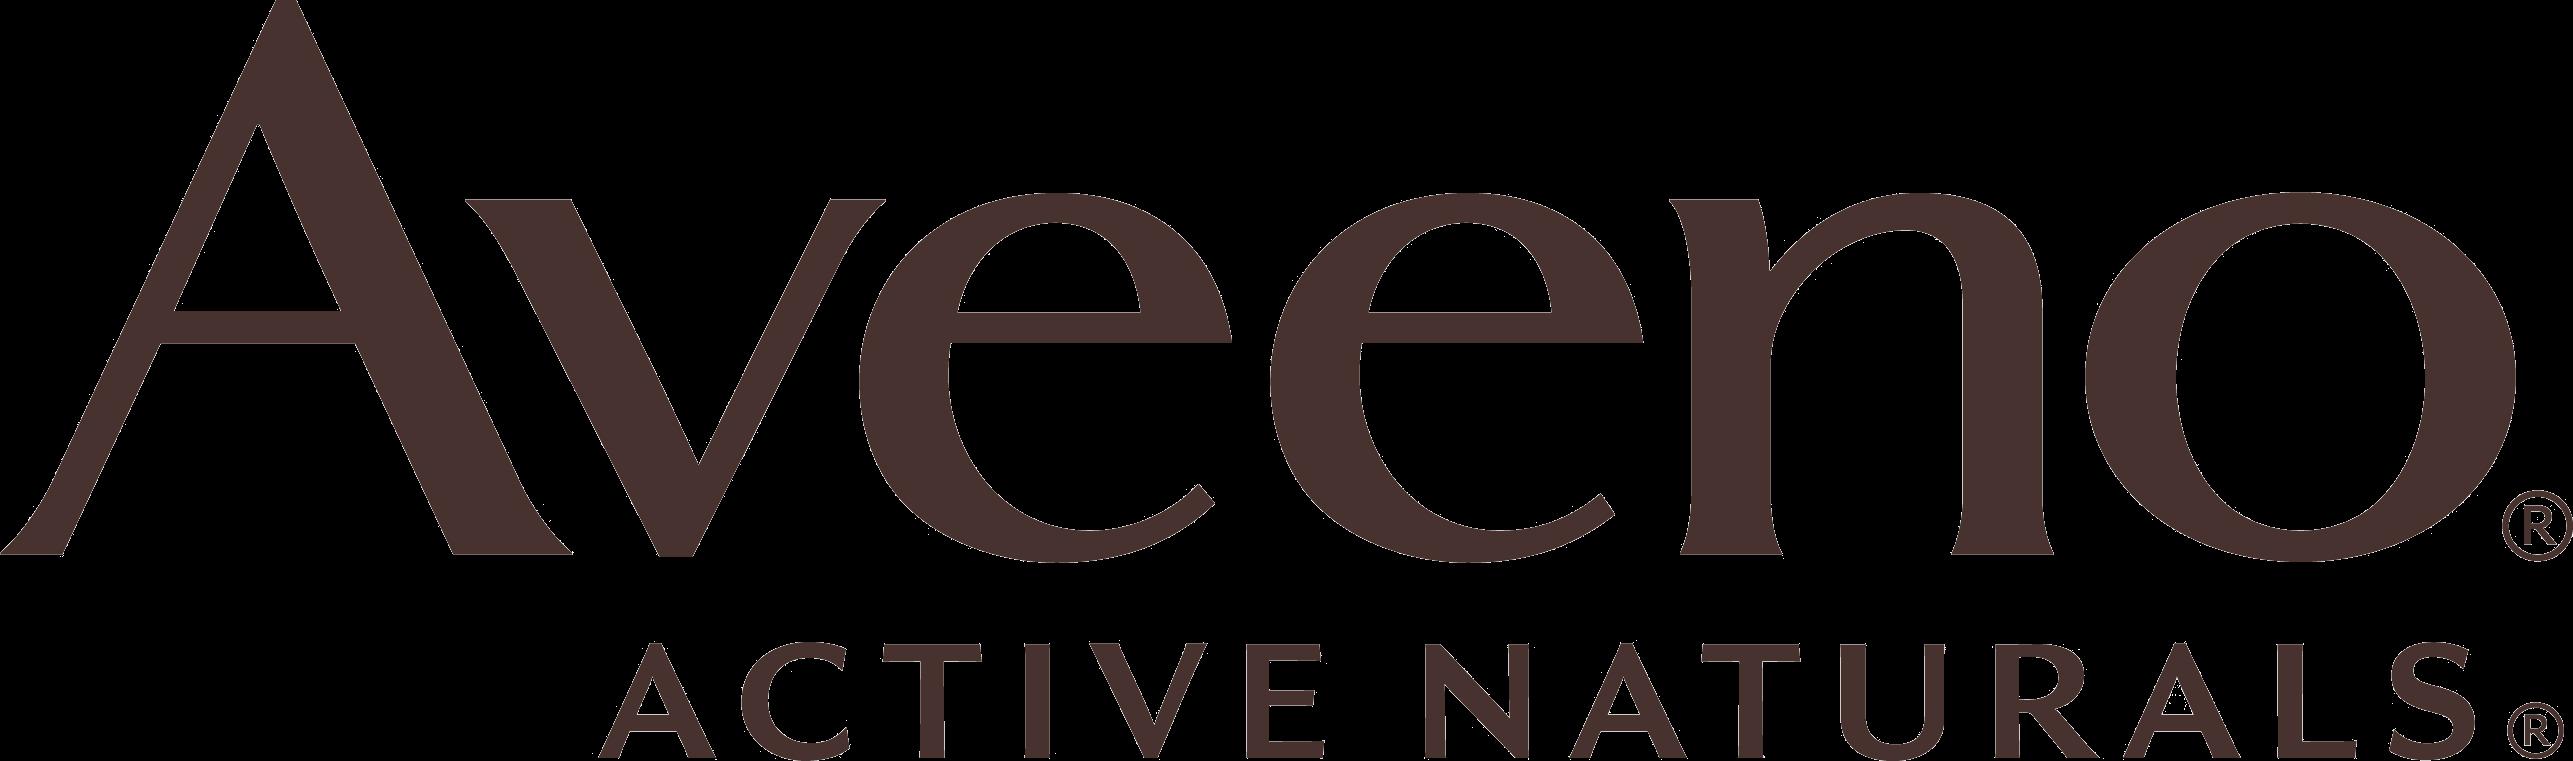 HD Aveeno Logo Cosmetic.